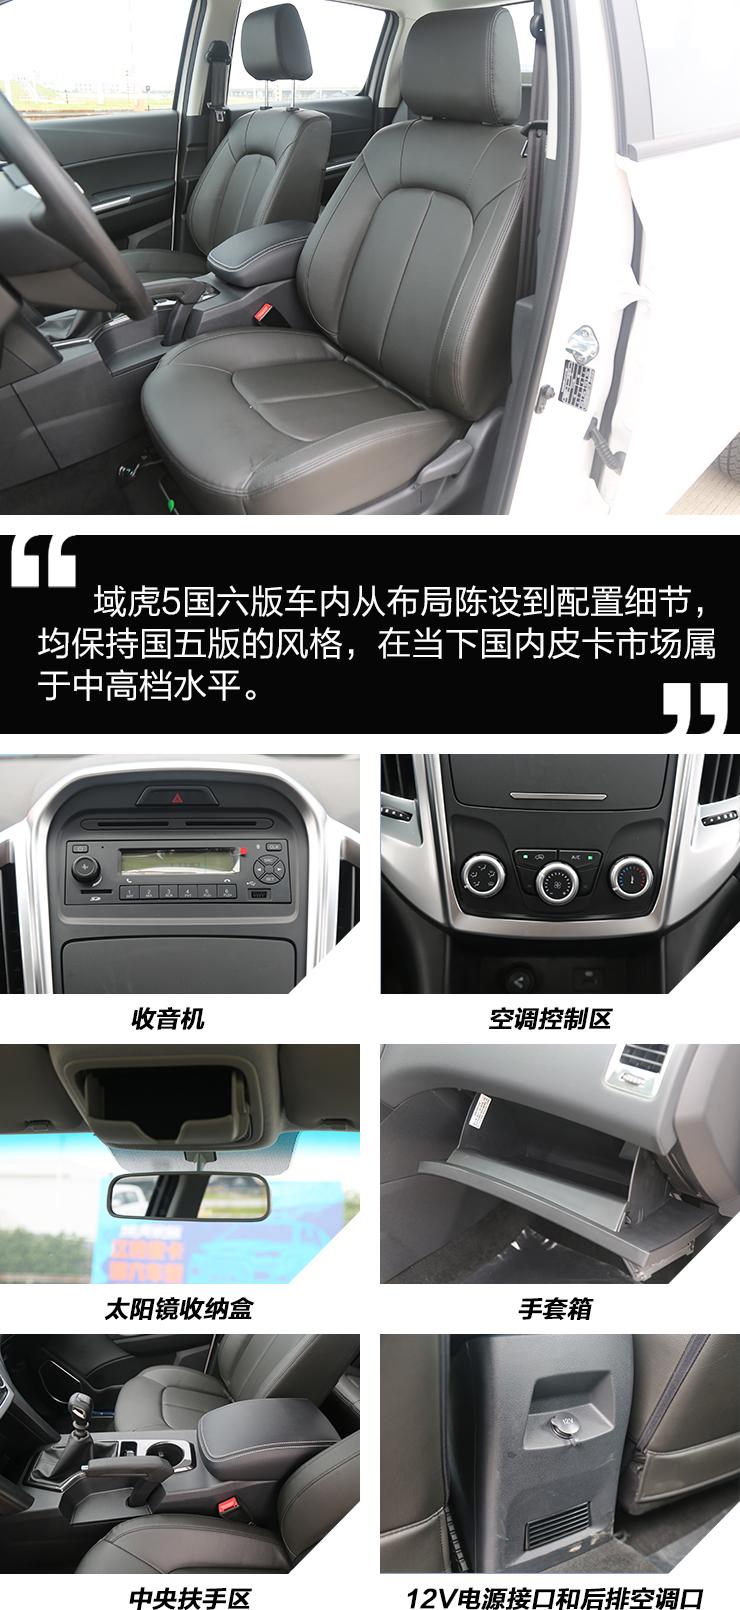 搭福特puma2.0T发动机!江铃域虎家族柴油全系升国六